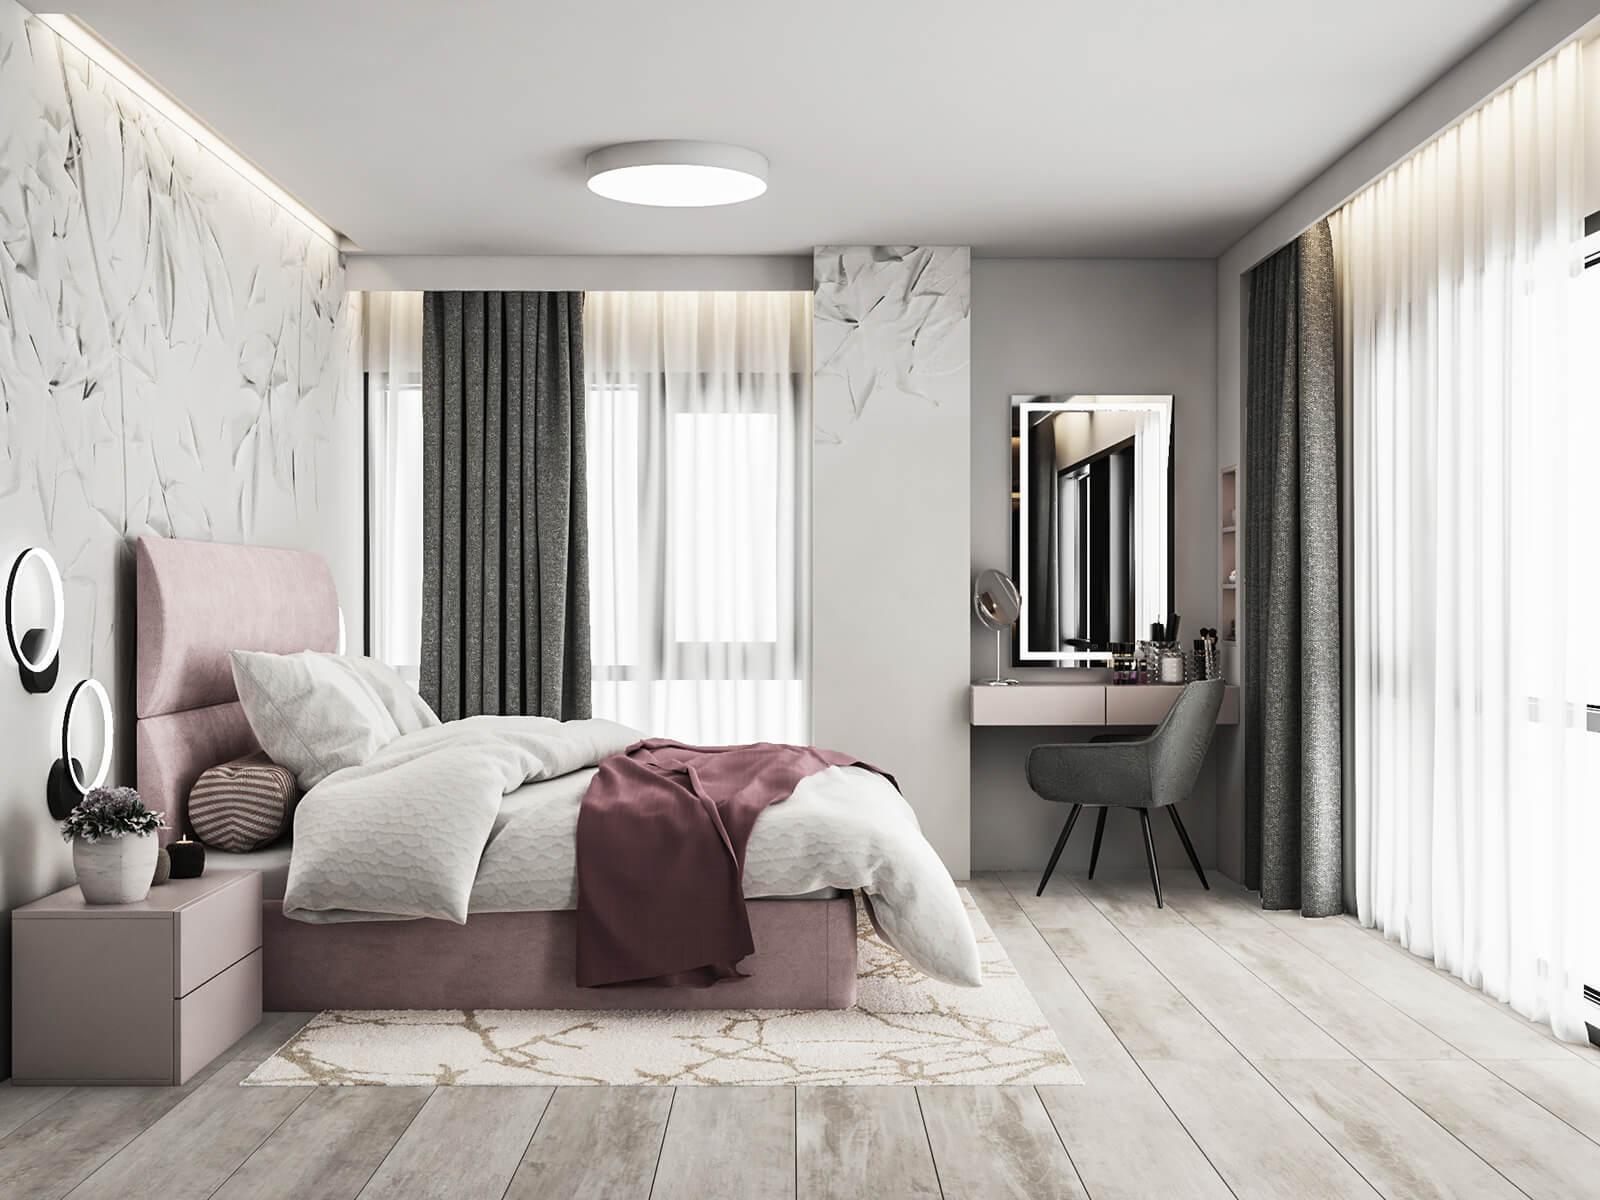 interioren dizain proekt na roditelska spalnya-gia